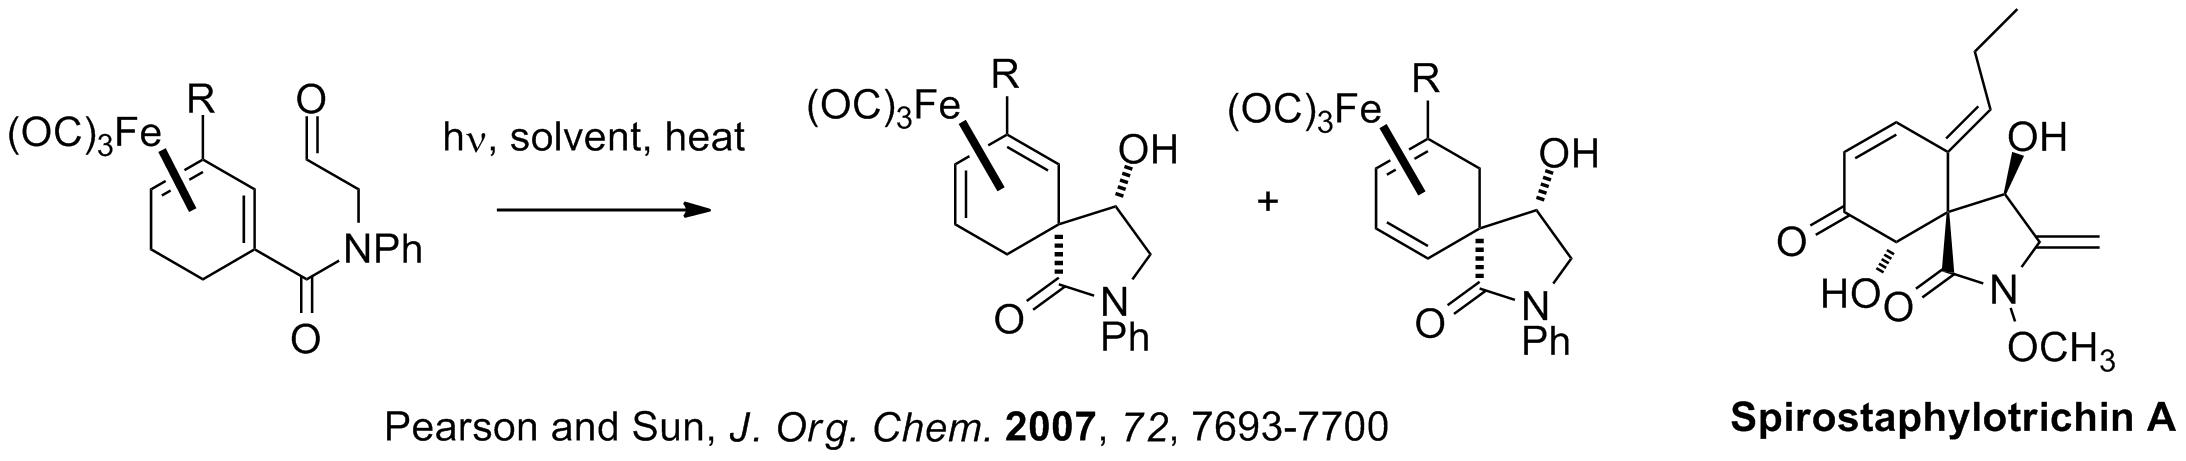 SpirostaphylotrichinA